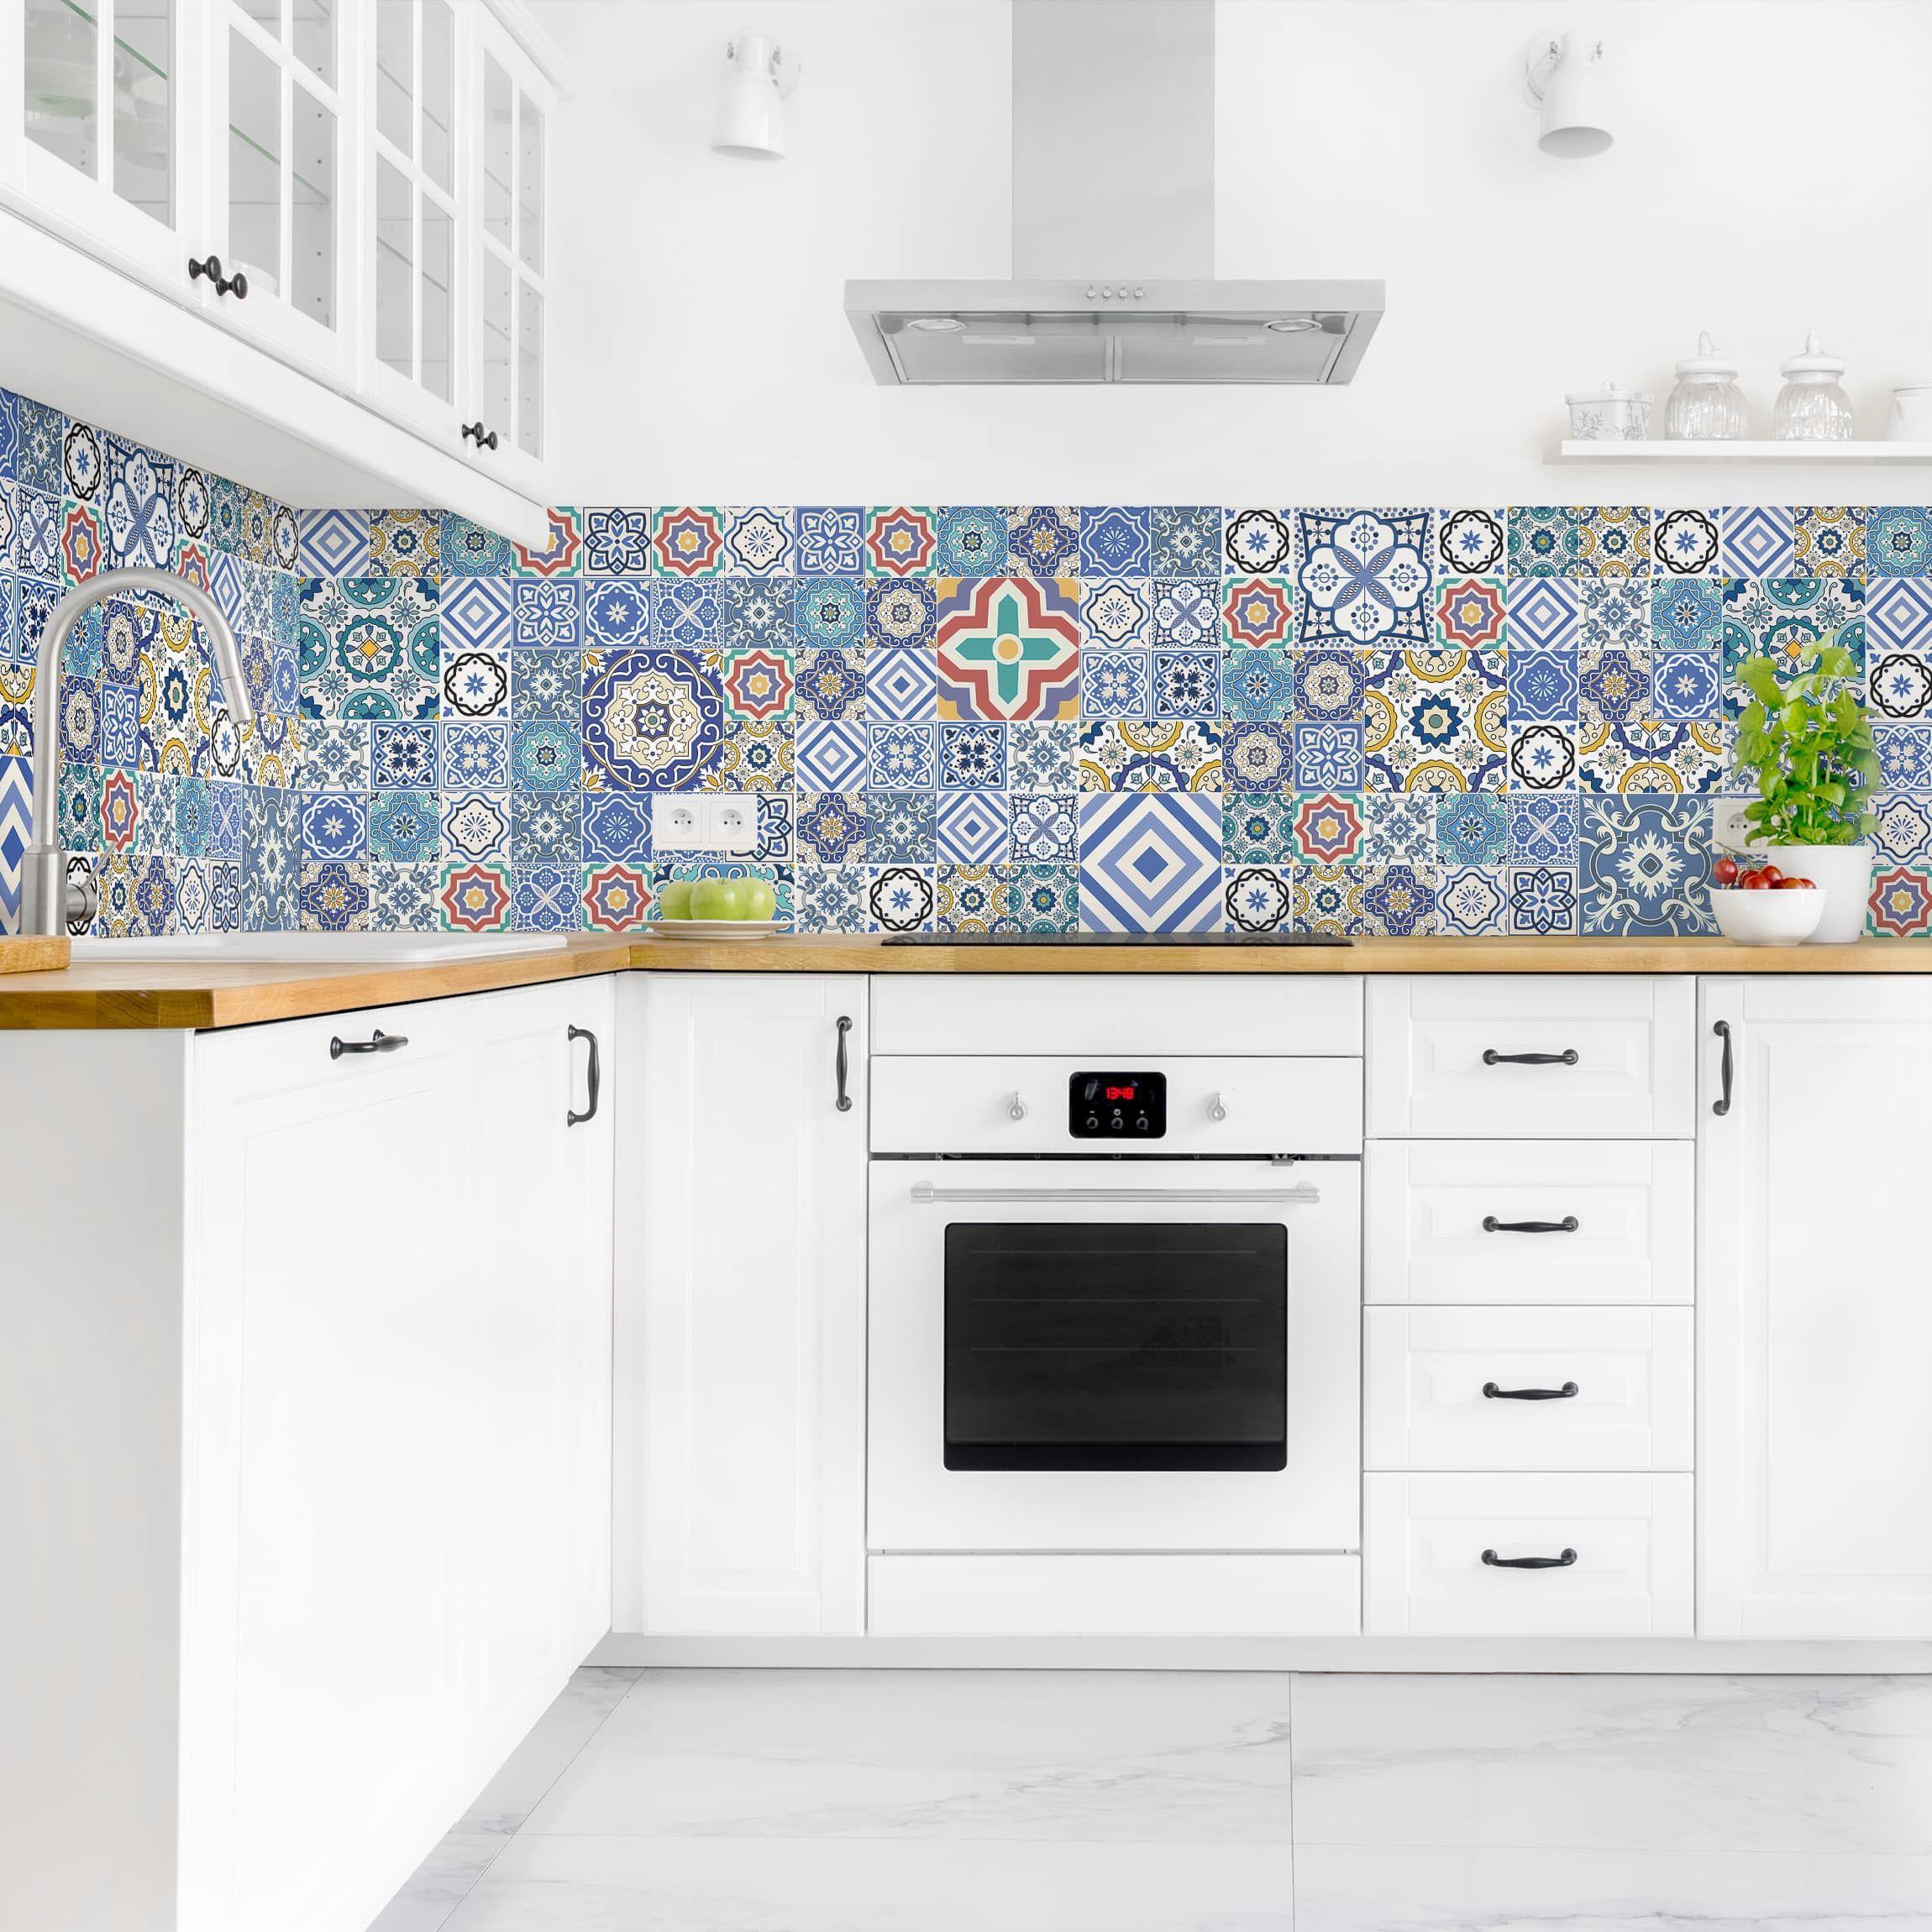 Küchenrückwand - Fliesenspiegel - Aufwändige Portugiesische